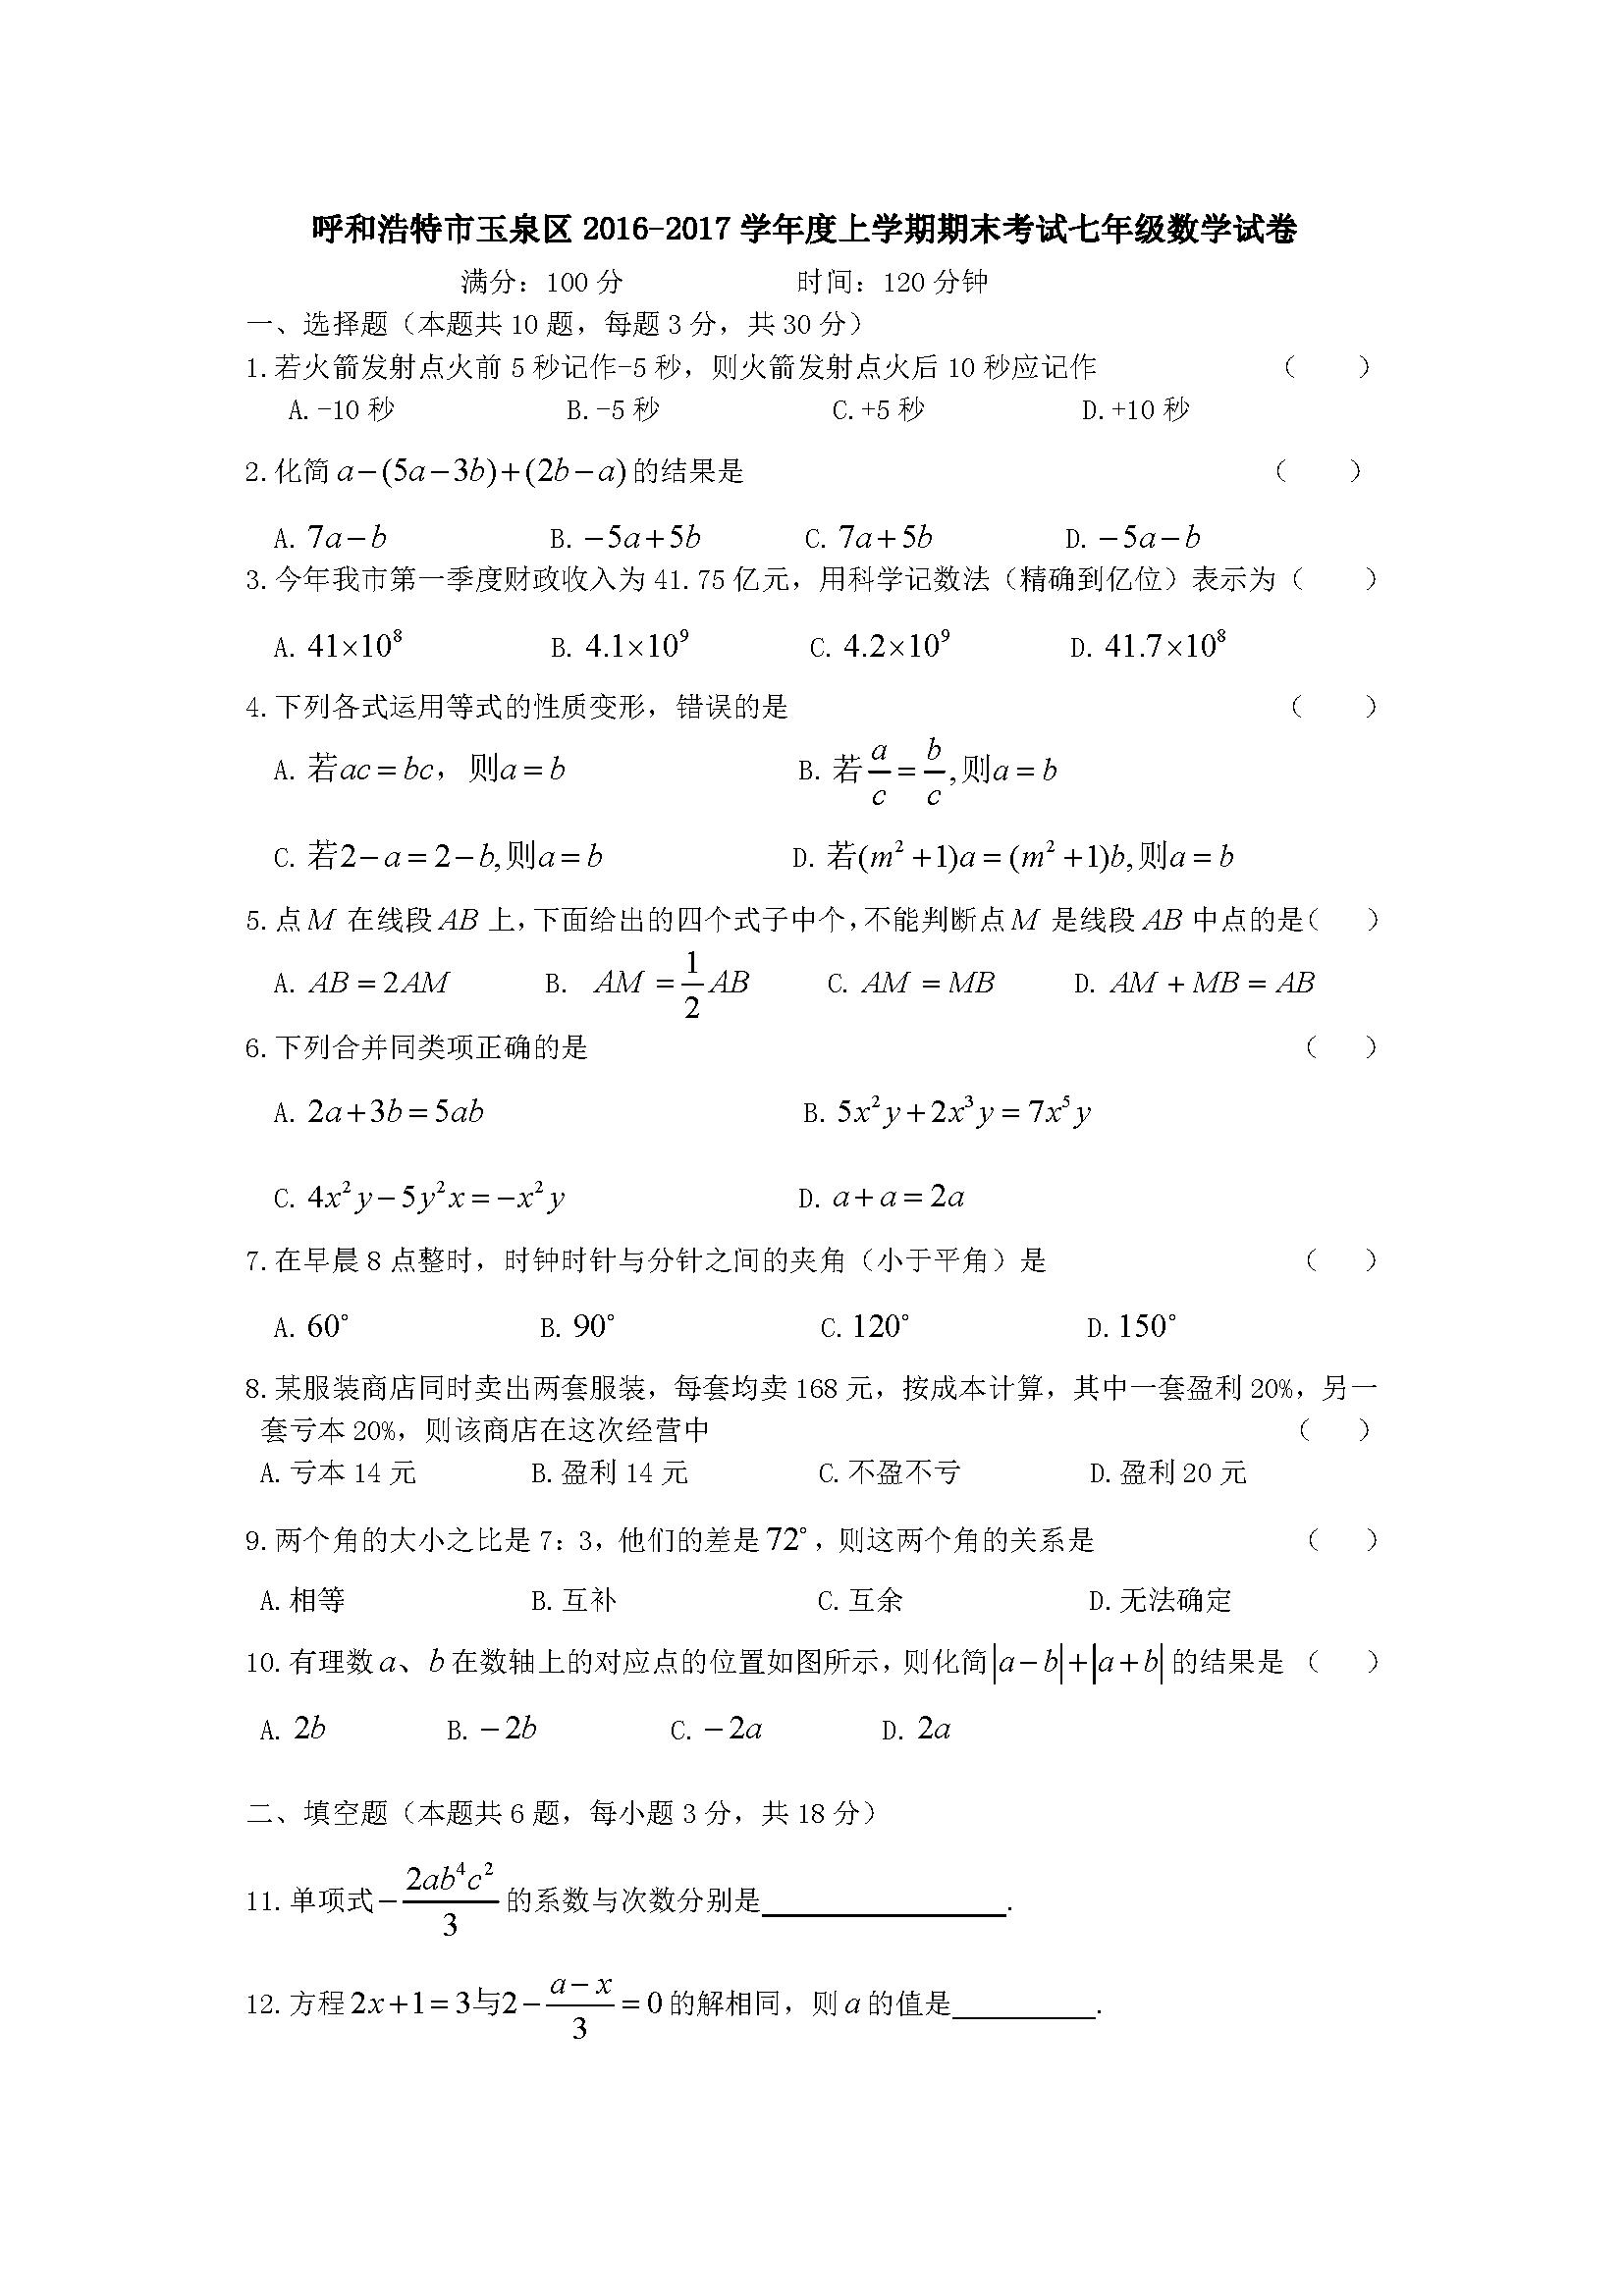 内蒙古呼和浩特玉泉2016-2017学年度上学期期末七年级数学试题(Word版)